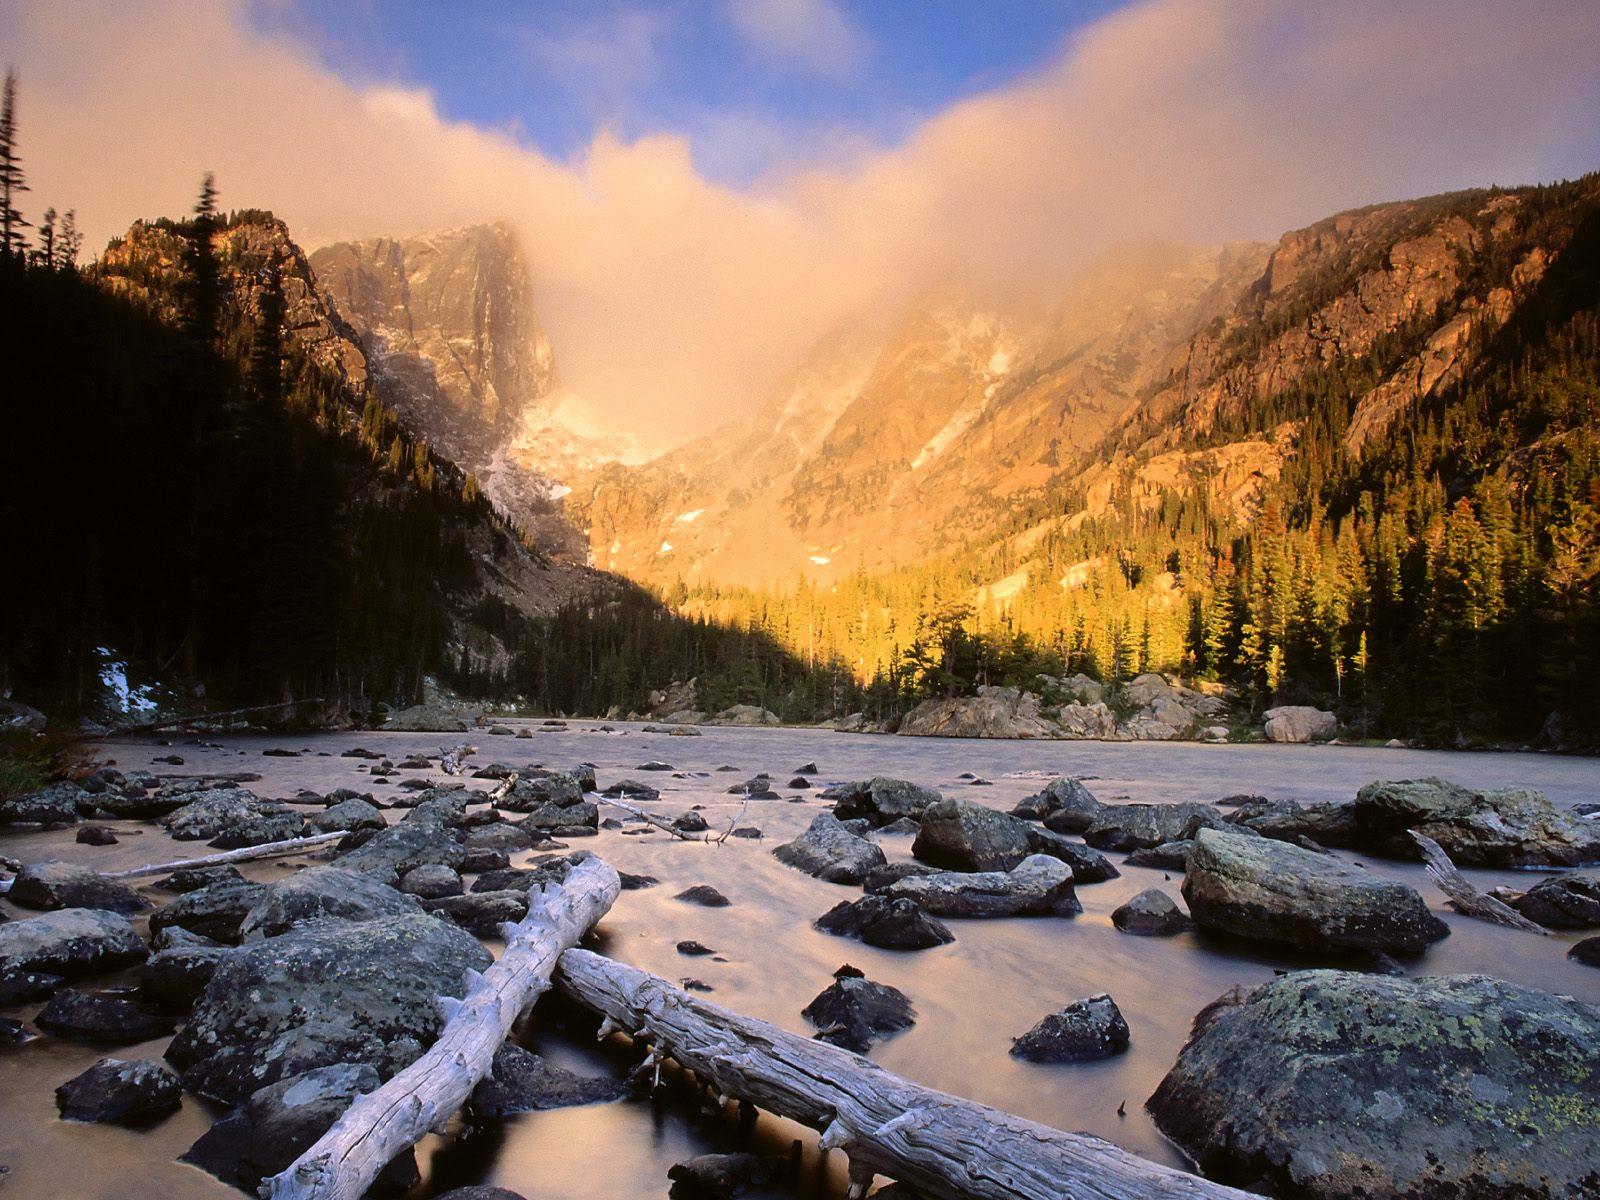 Published December 5 2008 Landscape Nature Leave a Comment 1600x1200